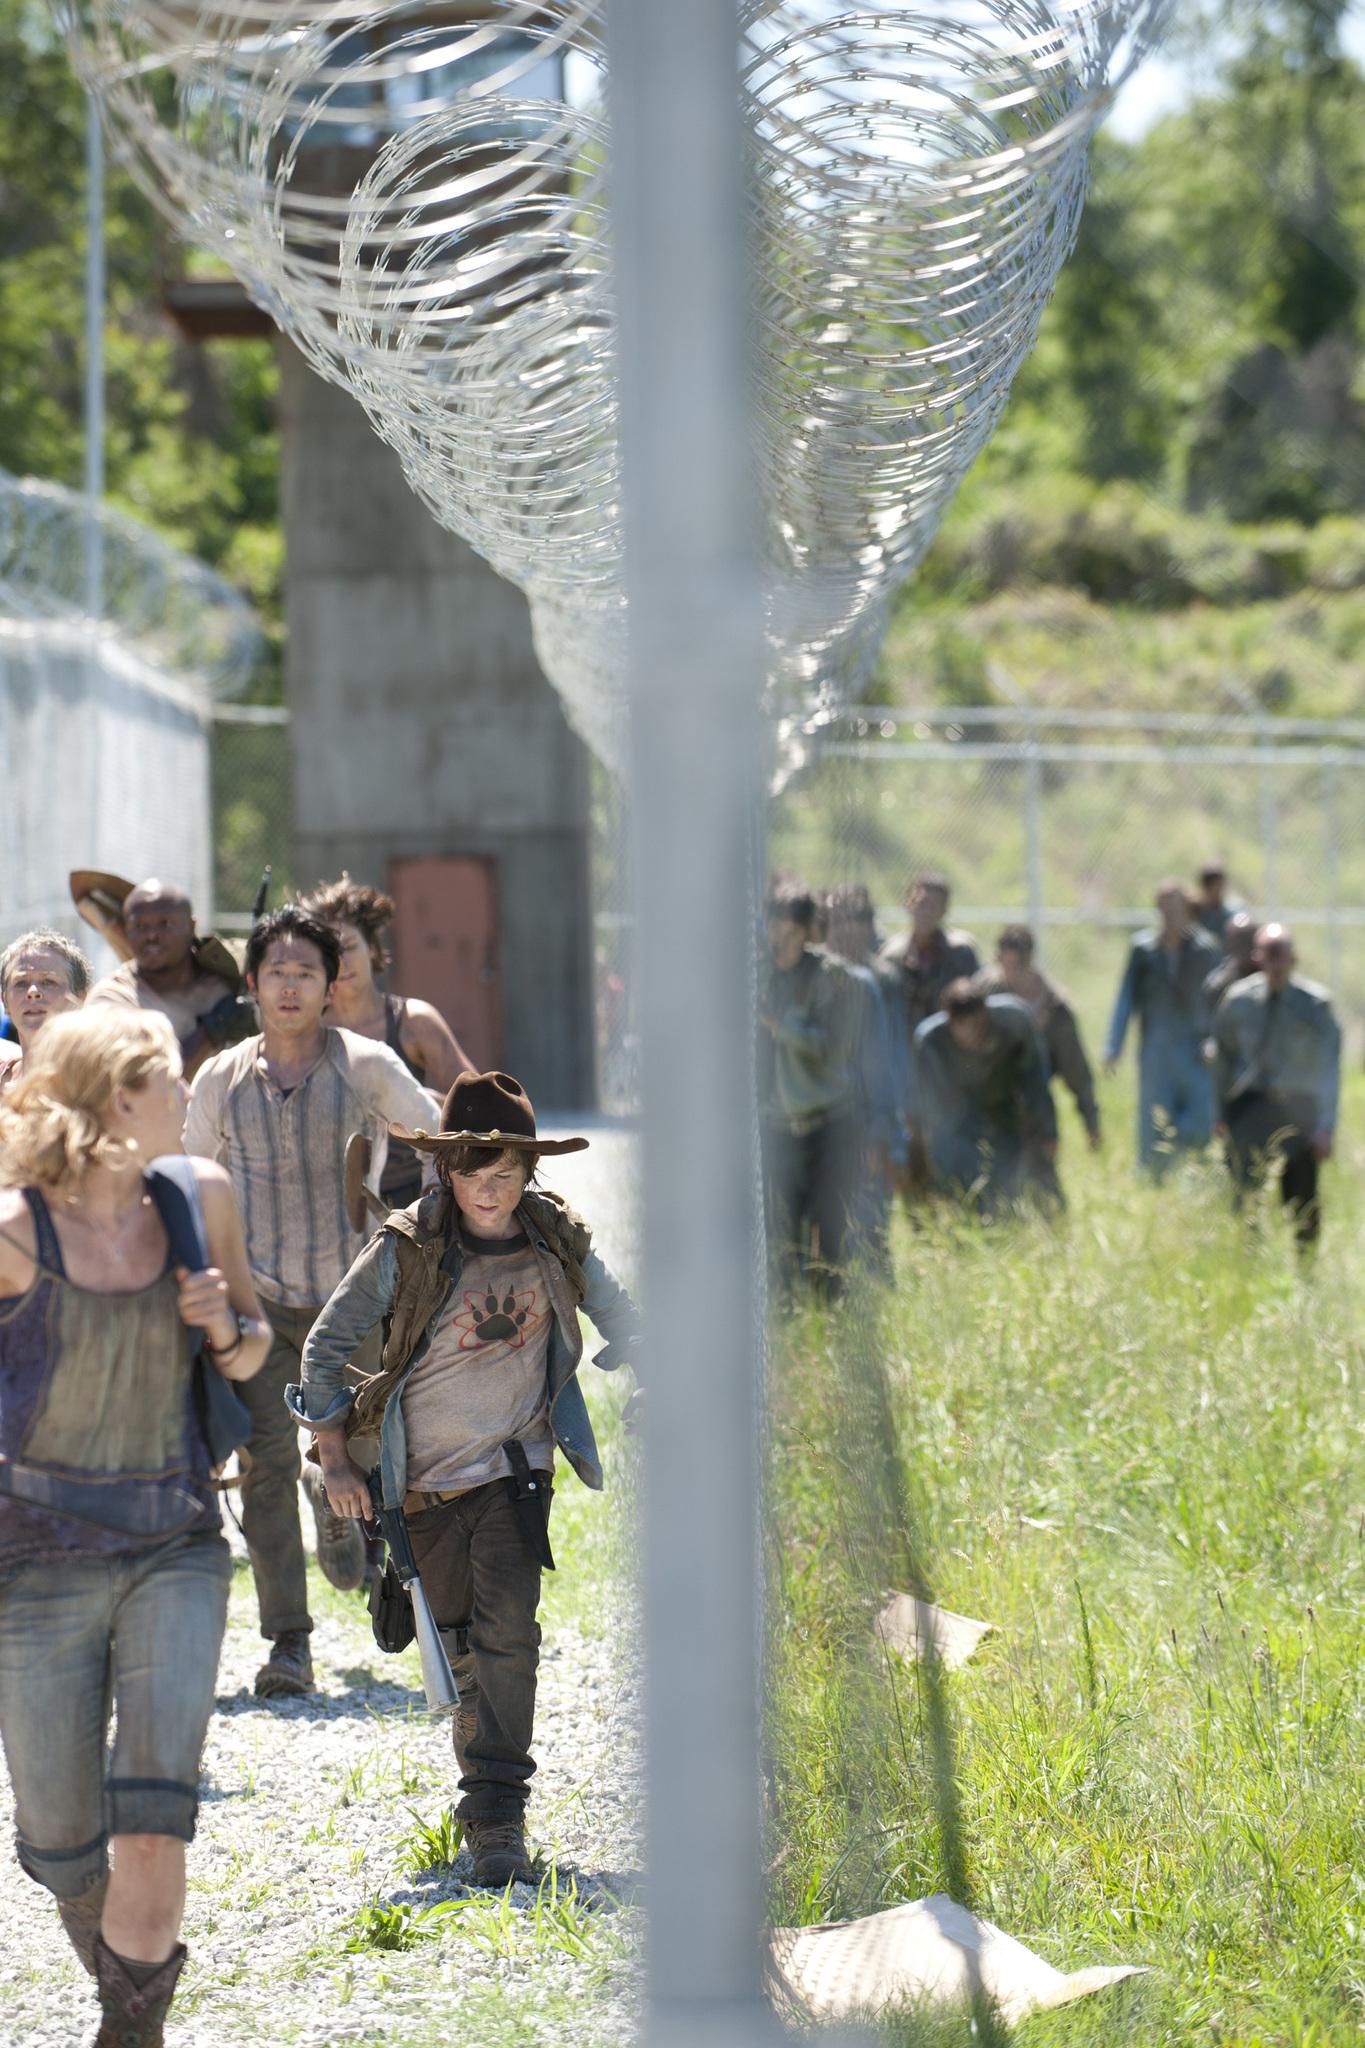 Melissa McBride, Irone Singleton, Lauren Cohan, Emily Kinney, Steven Yeun, and Chandler Riggs in The Walking Dead (2010)